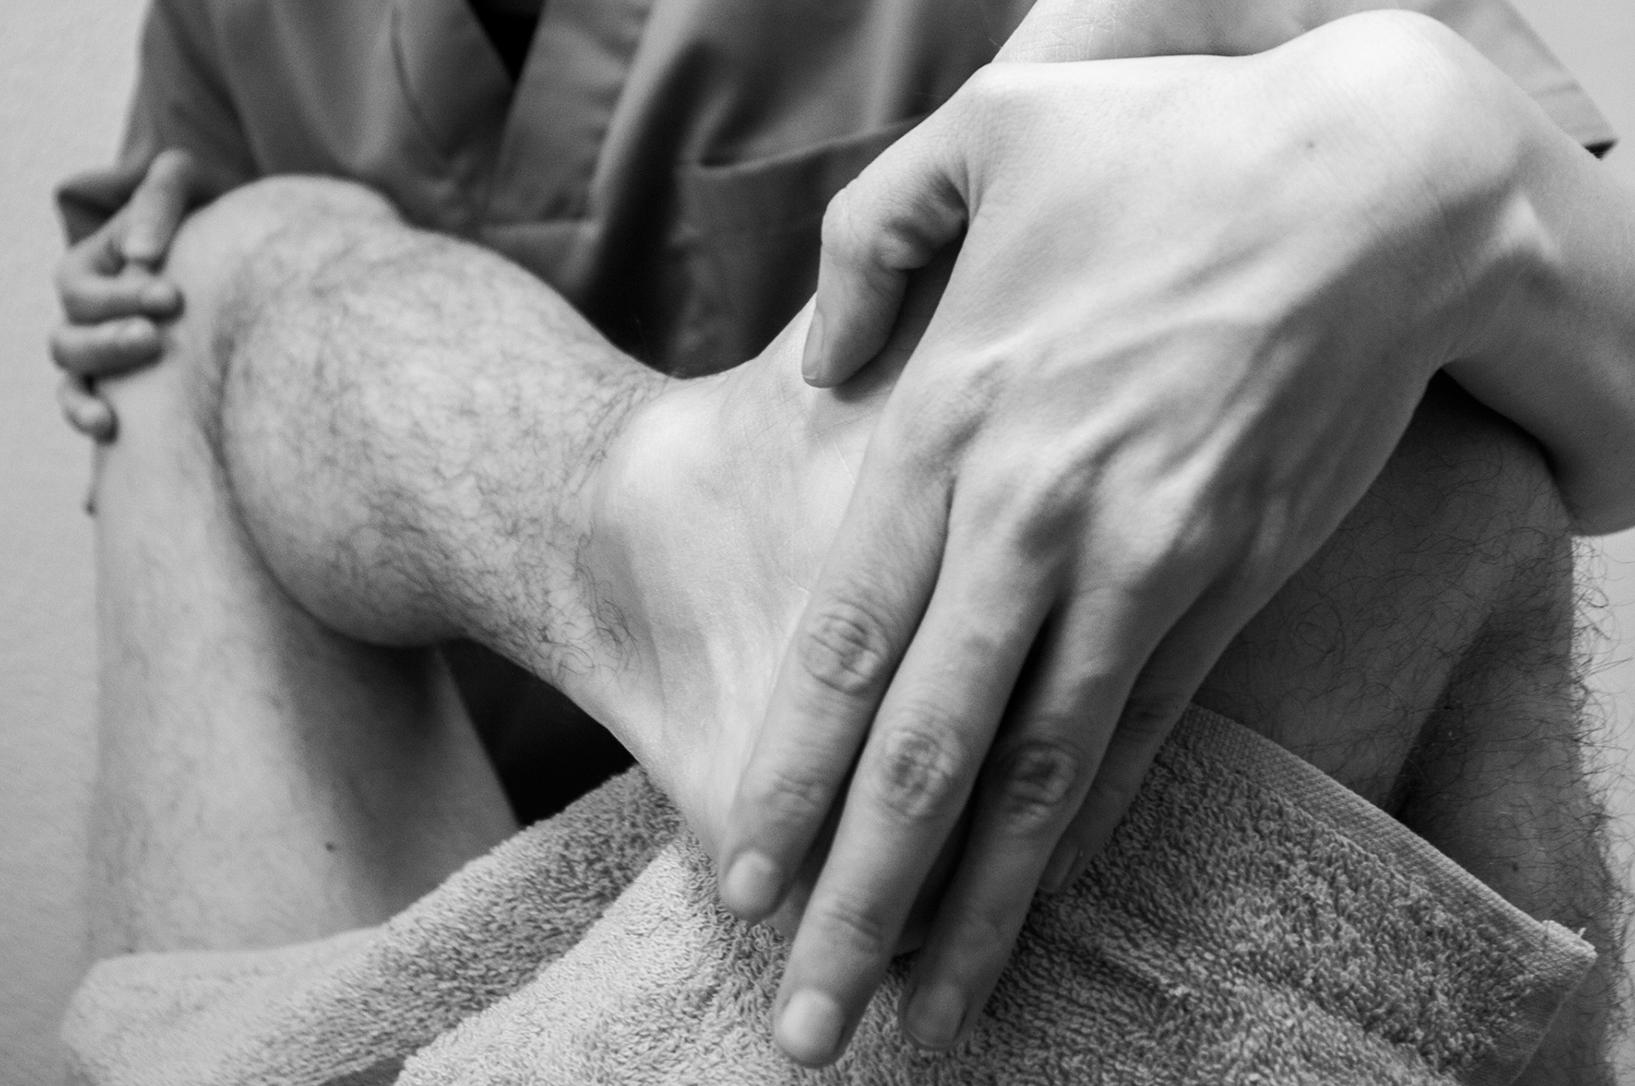 Rehabilitación Clínica Abla